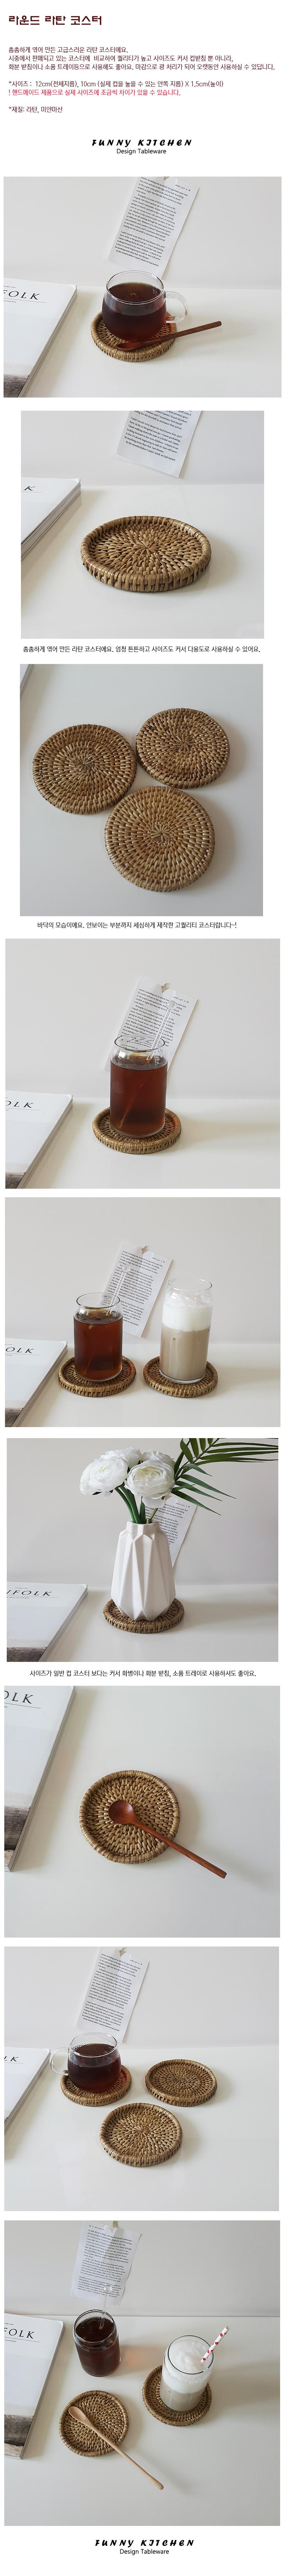 라운드 라탄 코스터 컵받침 - 퍼니키친, 8,000원, 컵받침/뚜껑/홀더, 컵받침